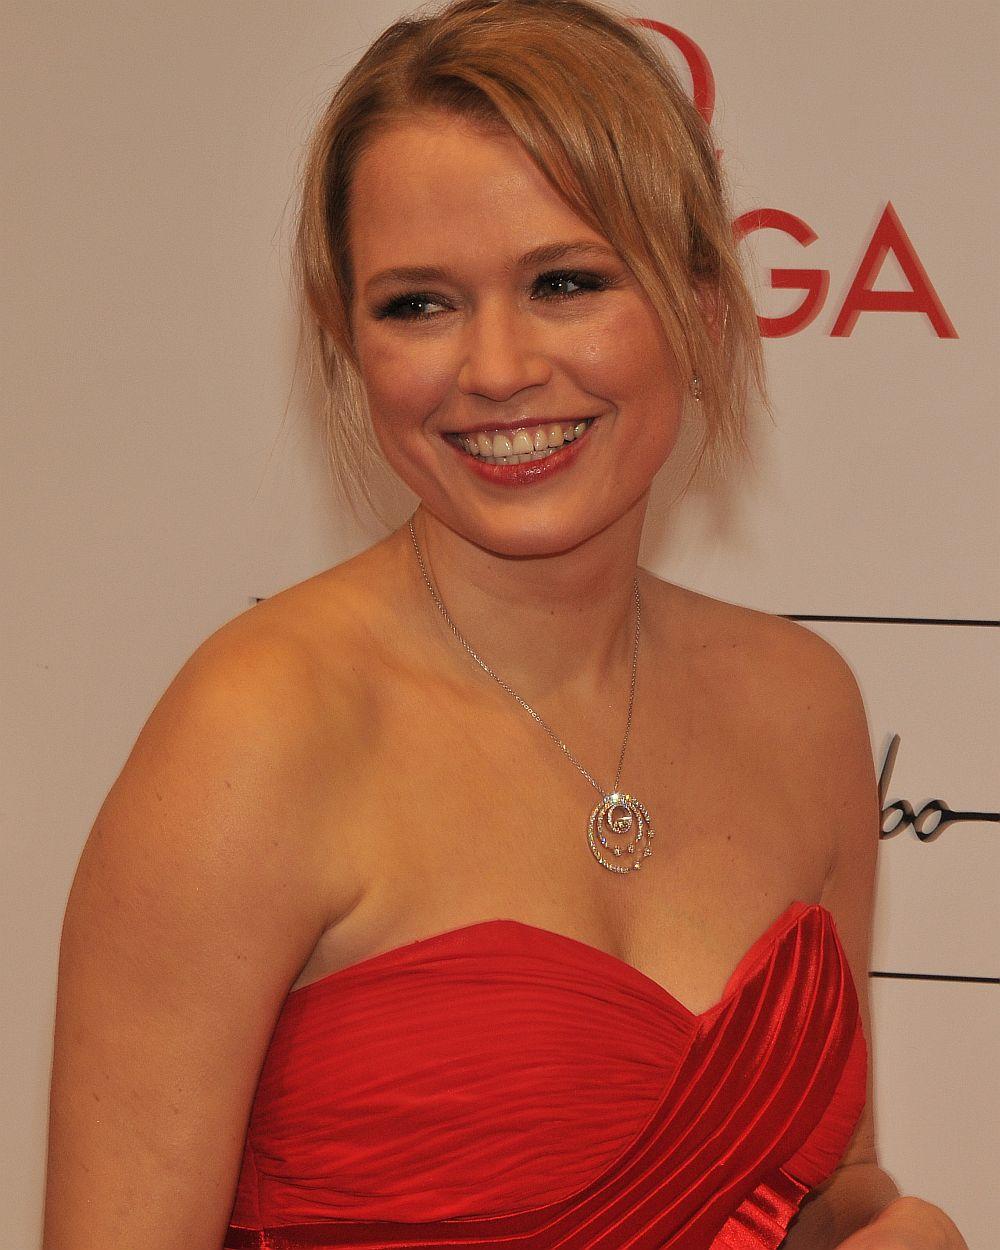 Nova Meierhenrich auf dem 39. Deutschen Filmball 2012